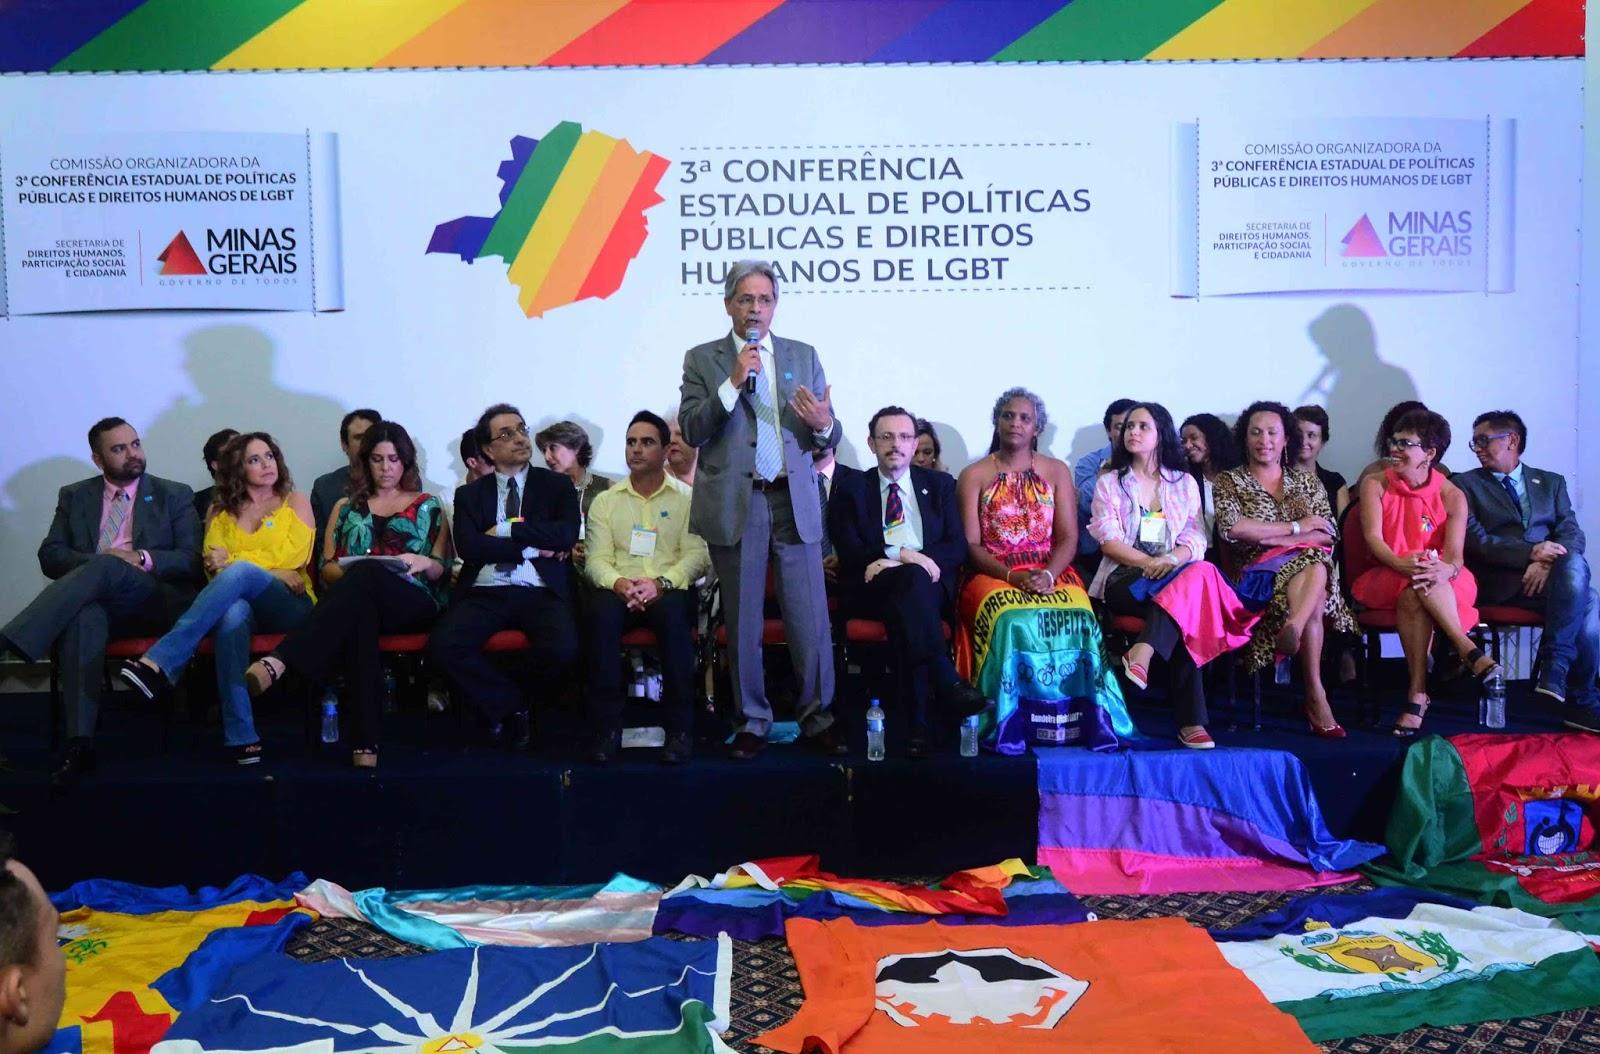 """""""O que não pode, por exemplo, é haver discriminação e preconceito"""", enfatizou Nilmário Miranda durante a 3ª Conferência Estadual de Políticas Públicas e Direitos Humanos LGBT."""